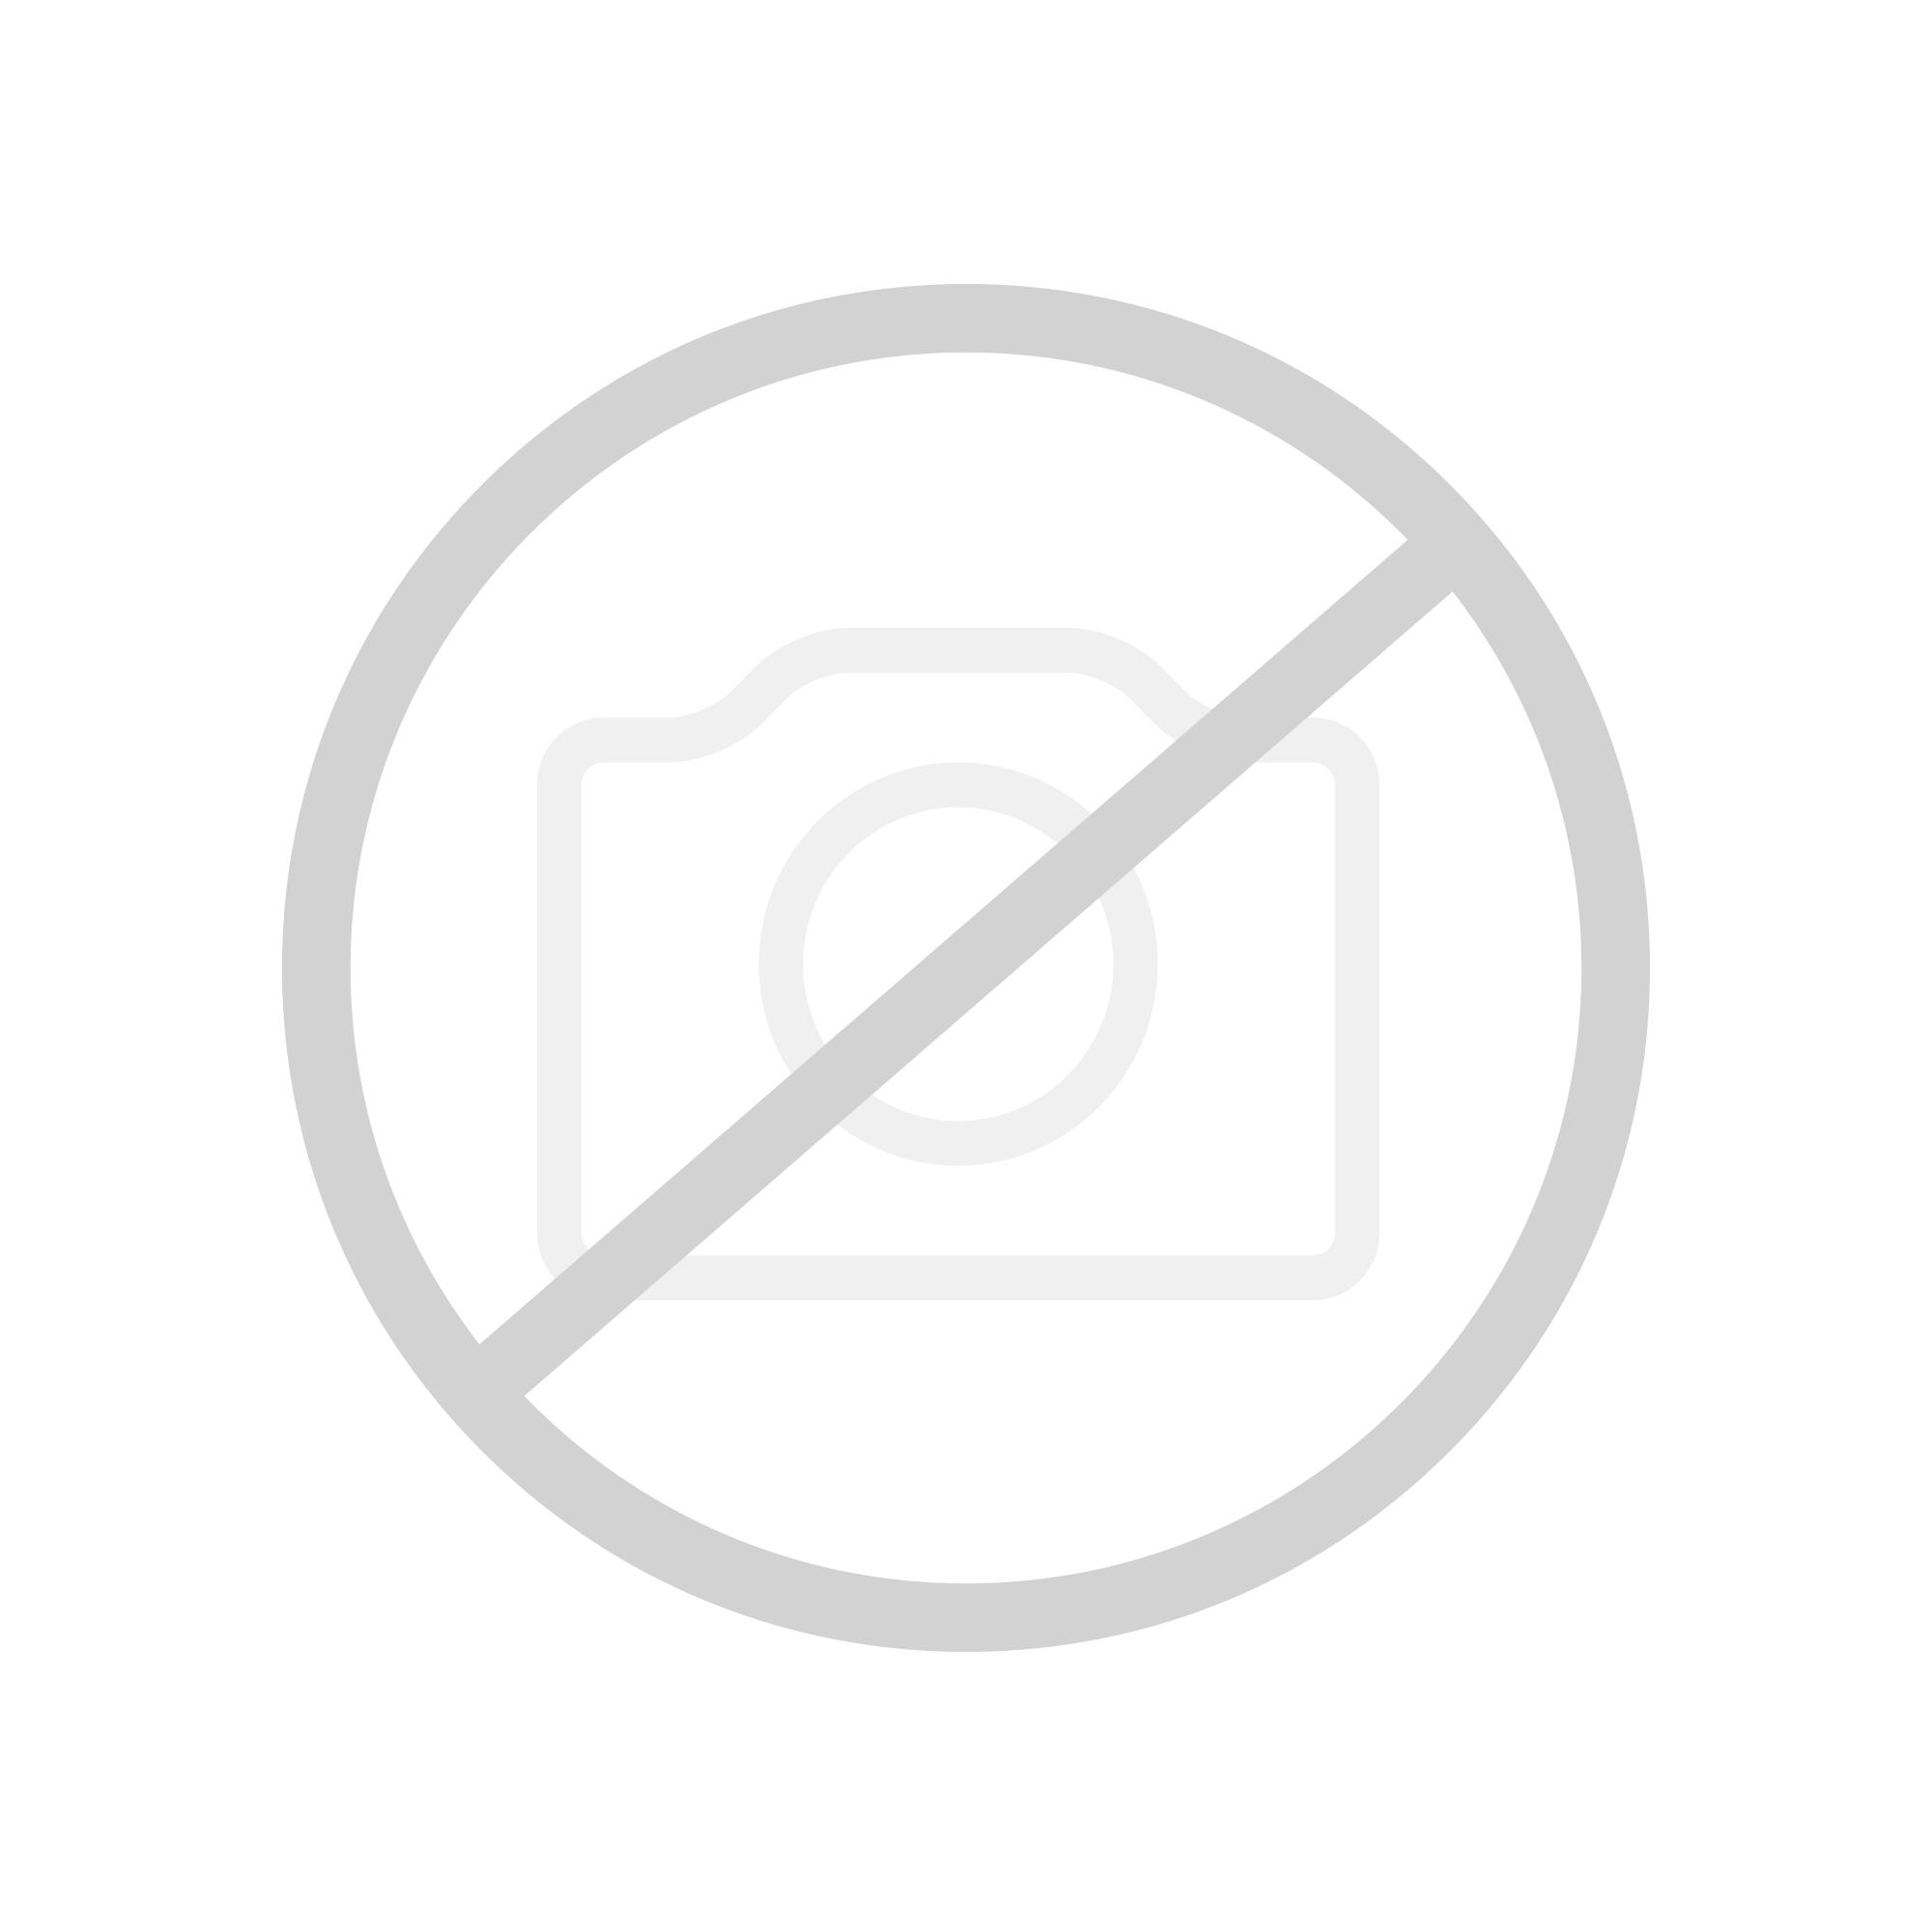 Hansgrohe Axor Starck Organic Zweigriff-Waschtischmischer 365, o. Zugstange f. Waschschale